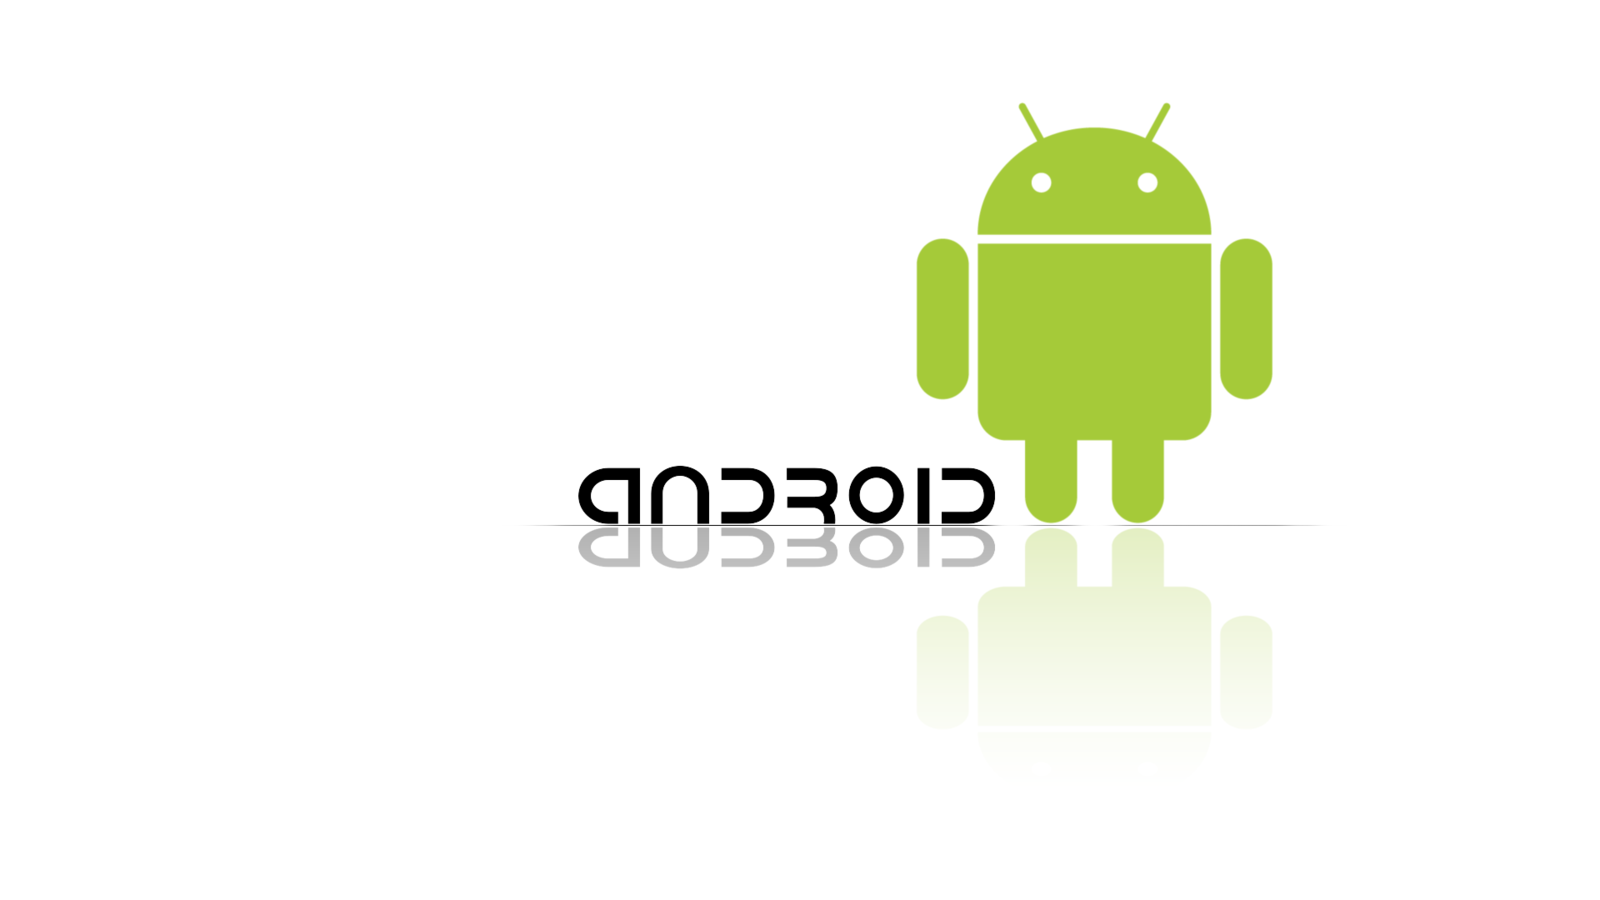 http://4.bp.blogspot.com/-wetymUdX-AU/URmMSu_1mWI/AAAAAAAAAGI/0yhWPJeKySU/s1600/android%2Bphone%2Blive%2Bwallpaper%2B(1).png